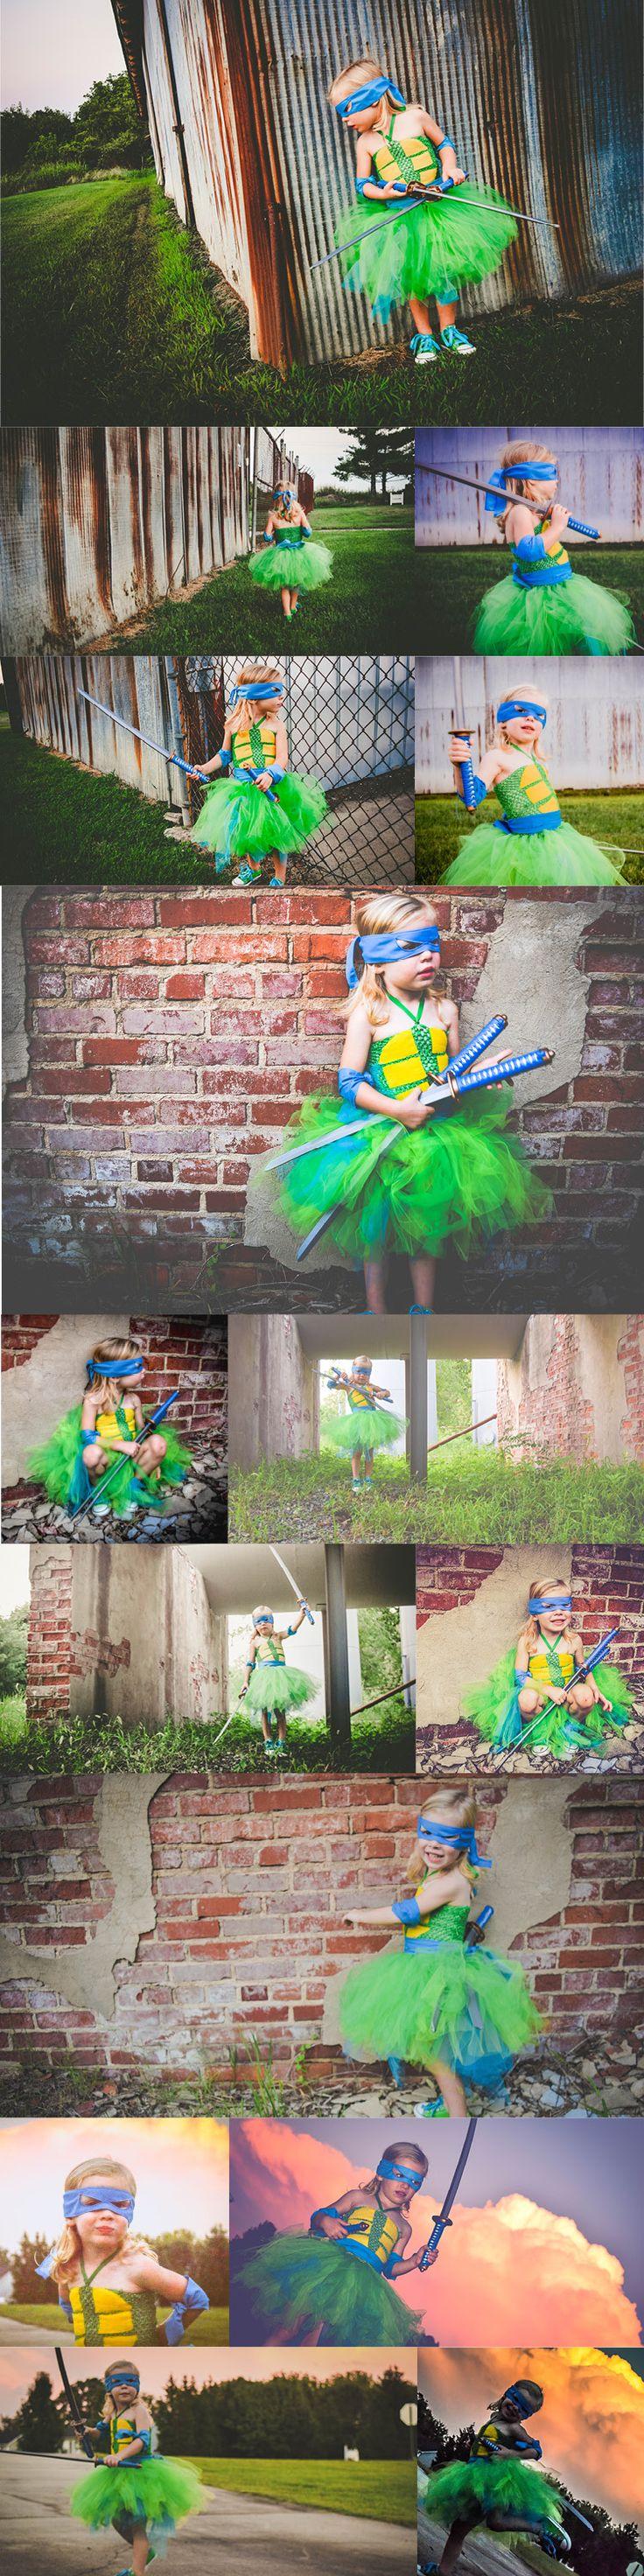 Girl Teenage Mutant Ninja Turtle photo shoot. #TeenageMutantNinjaTurtles #TMNT #Tutu #NinjaTurtle